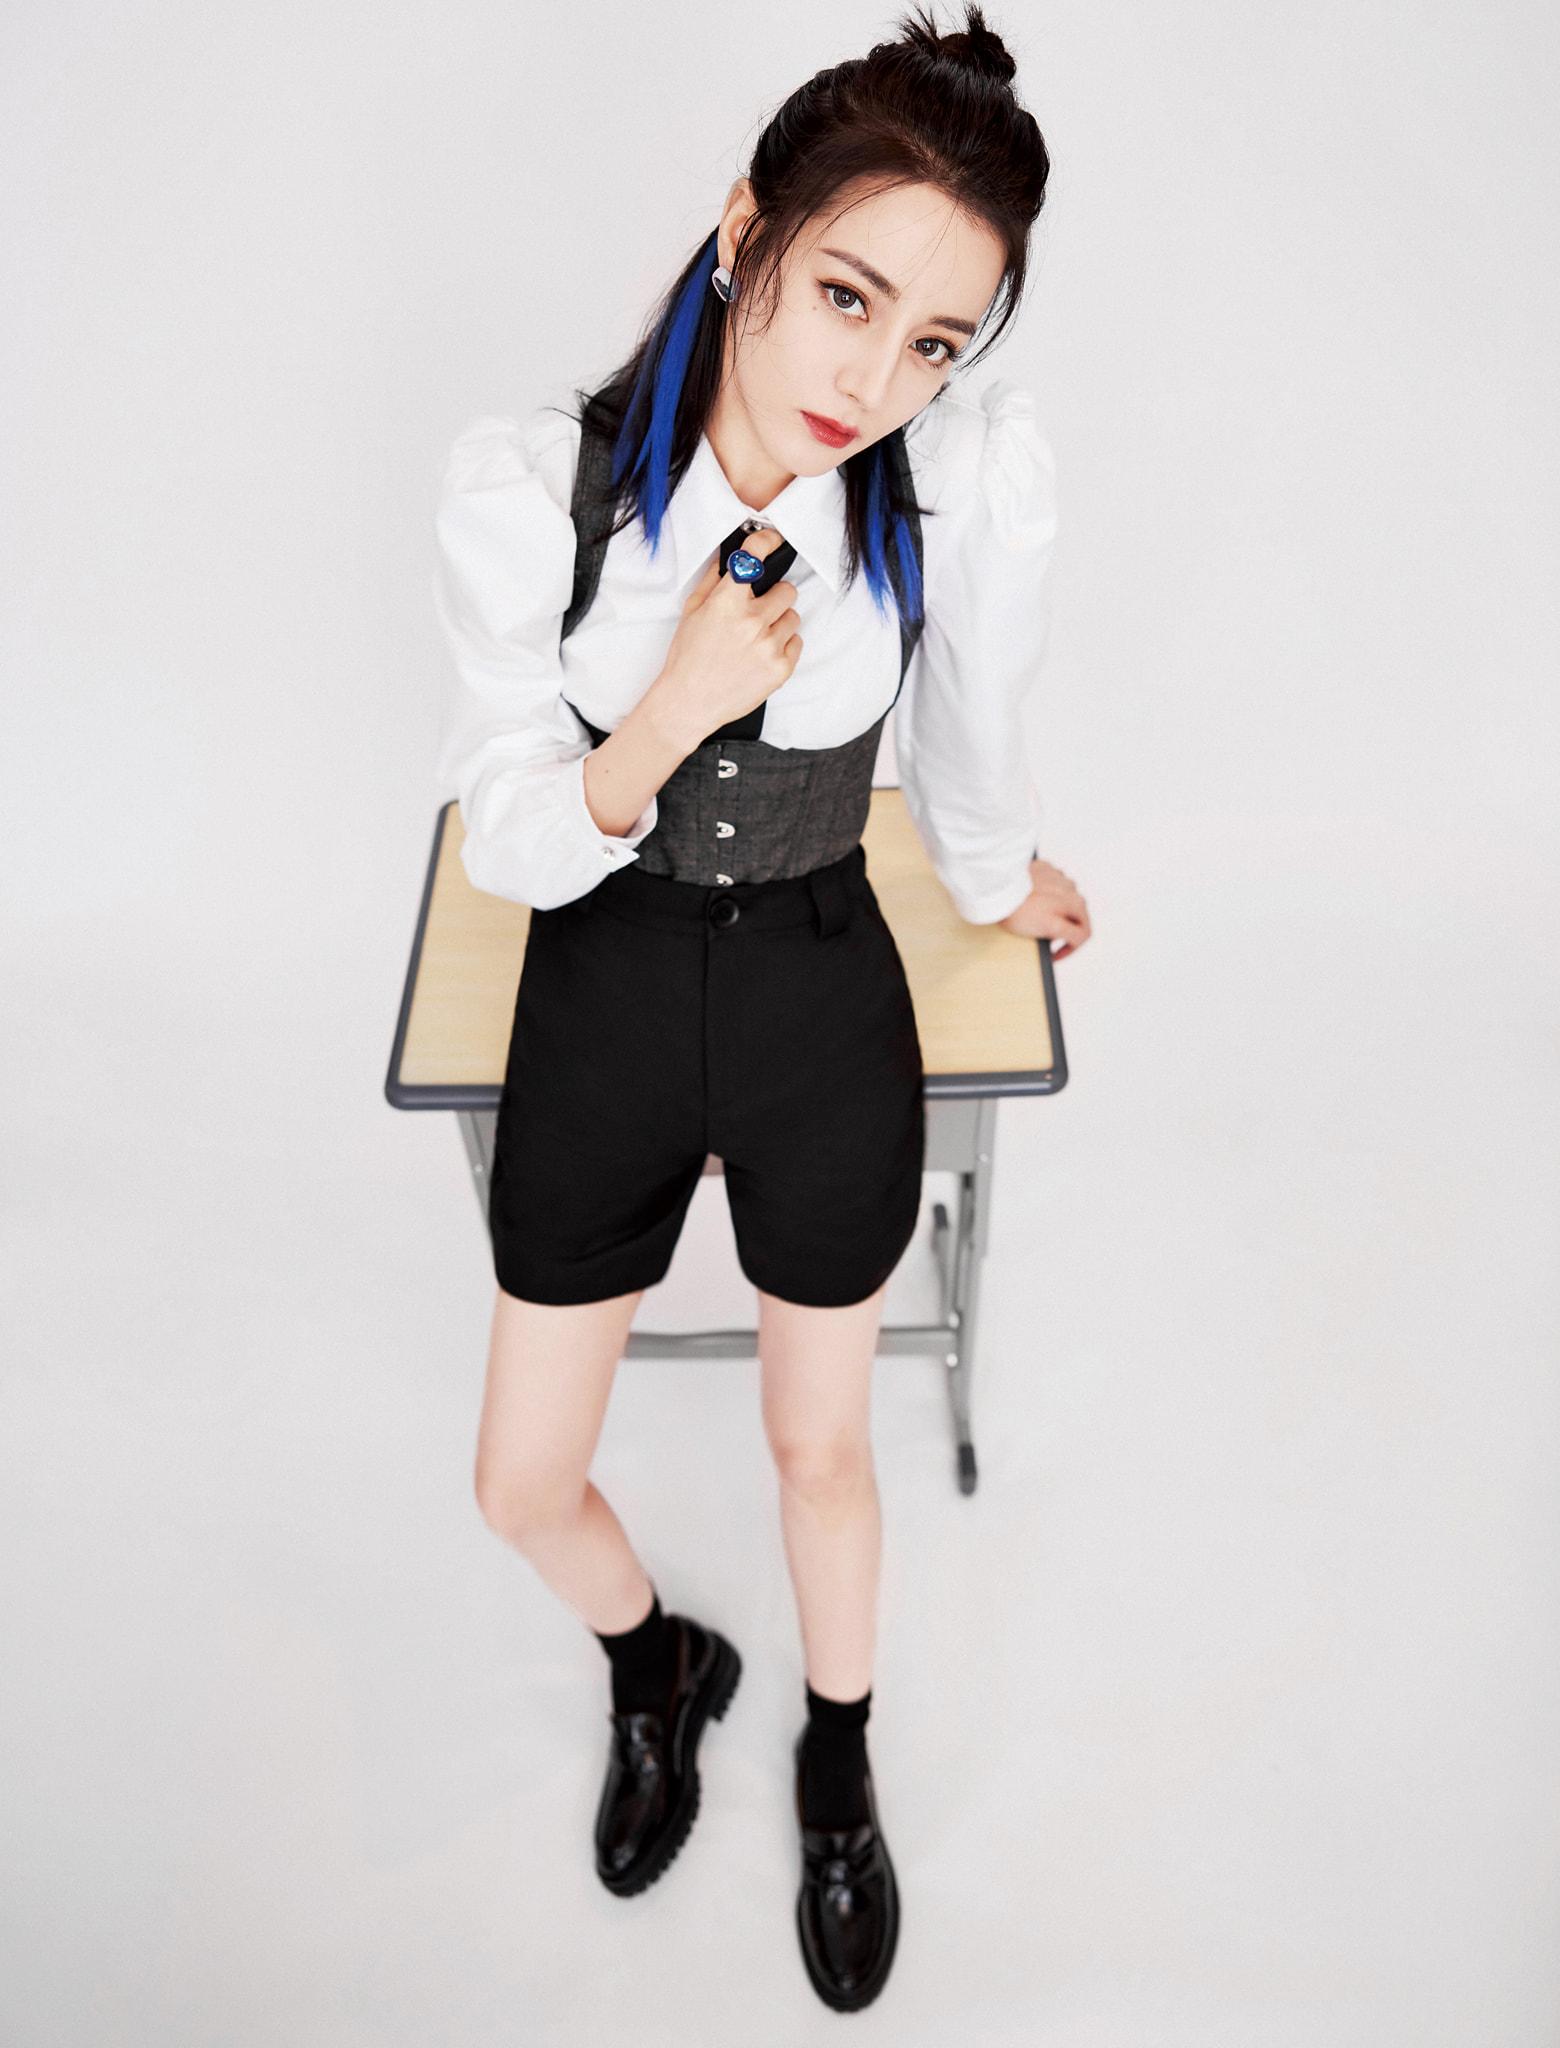 Địch Lệ Nhiệt Ba - Dương Mịch 'chặt nhau' không tiếc tay với kiểu tóc light xanh: Ai mới là bad girl chính hiệu? 2